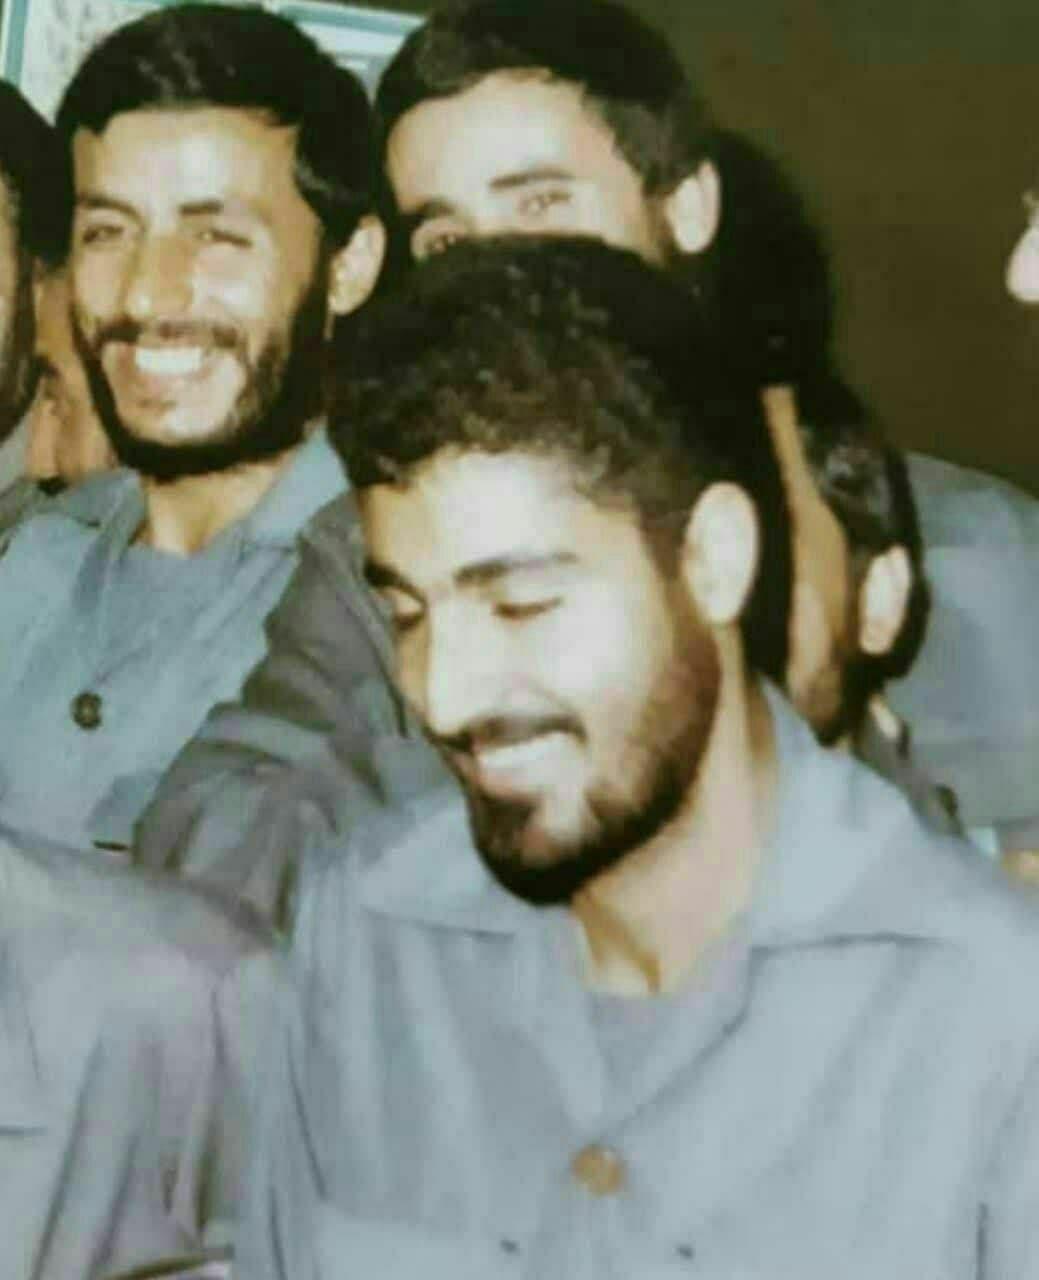 عکس/ سردار سلیمانی و شهید همت در یک قاب